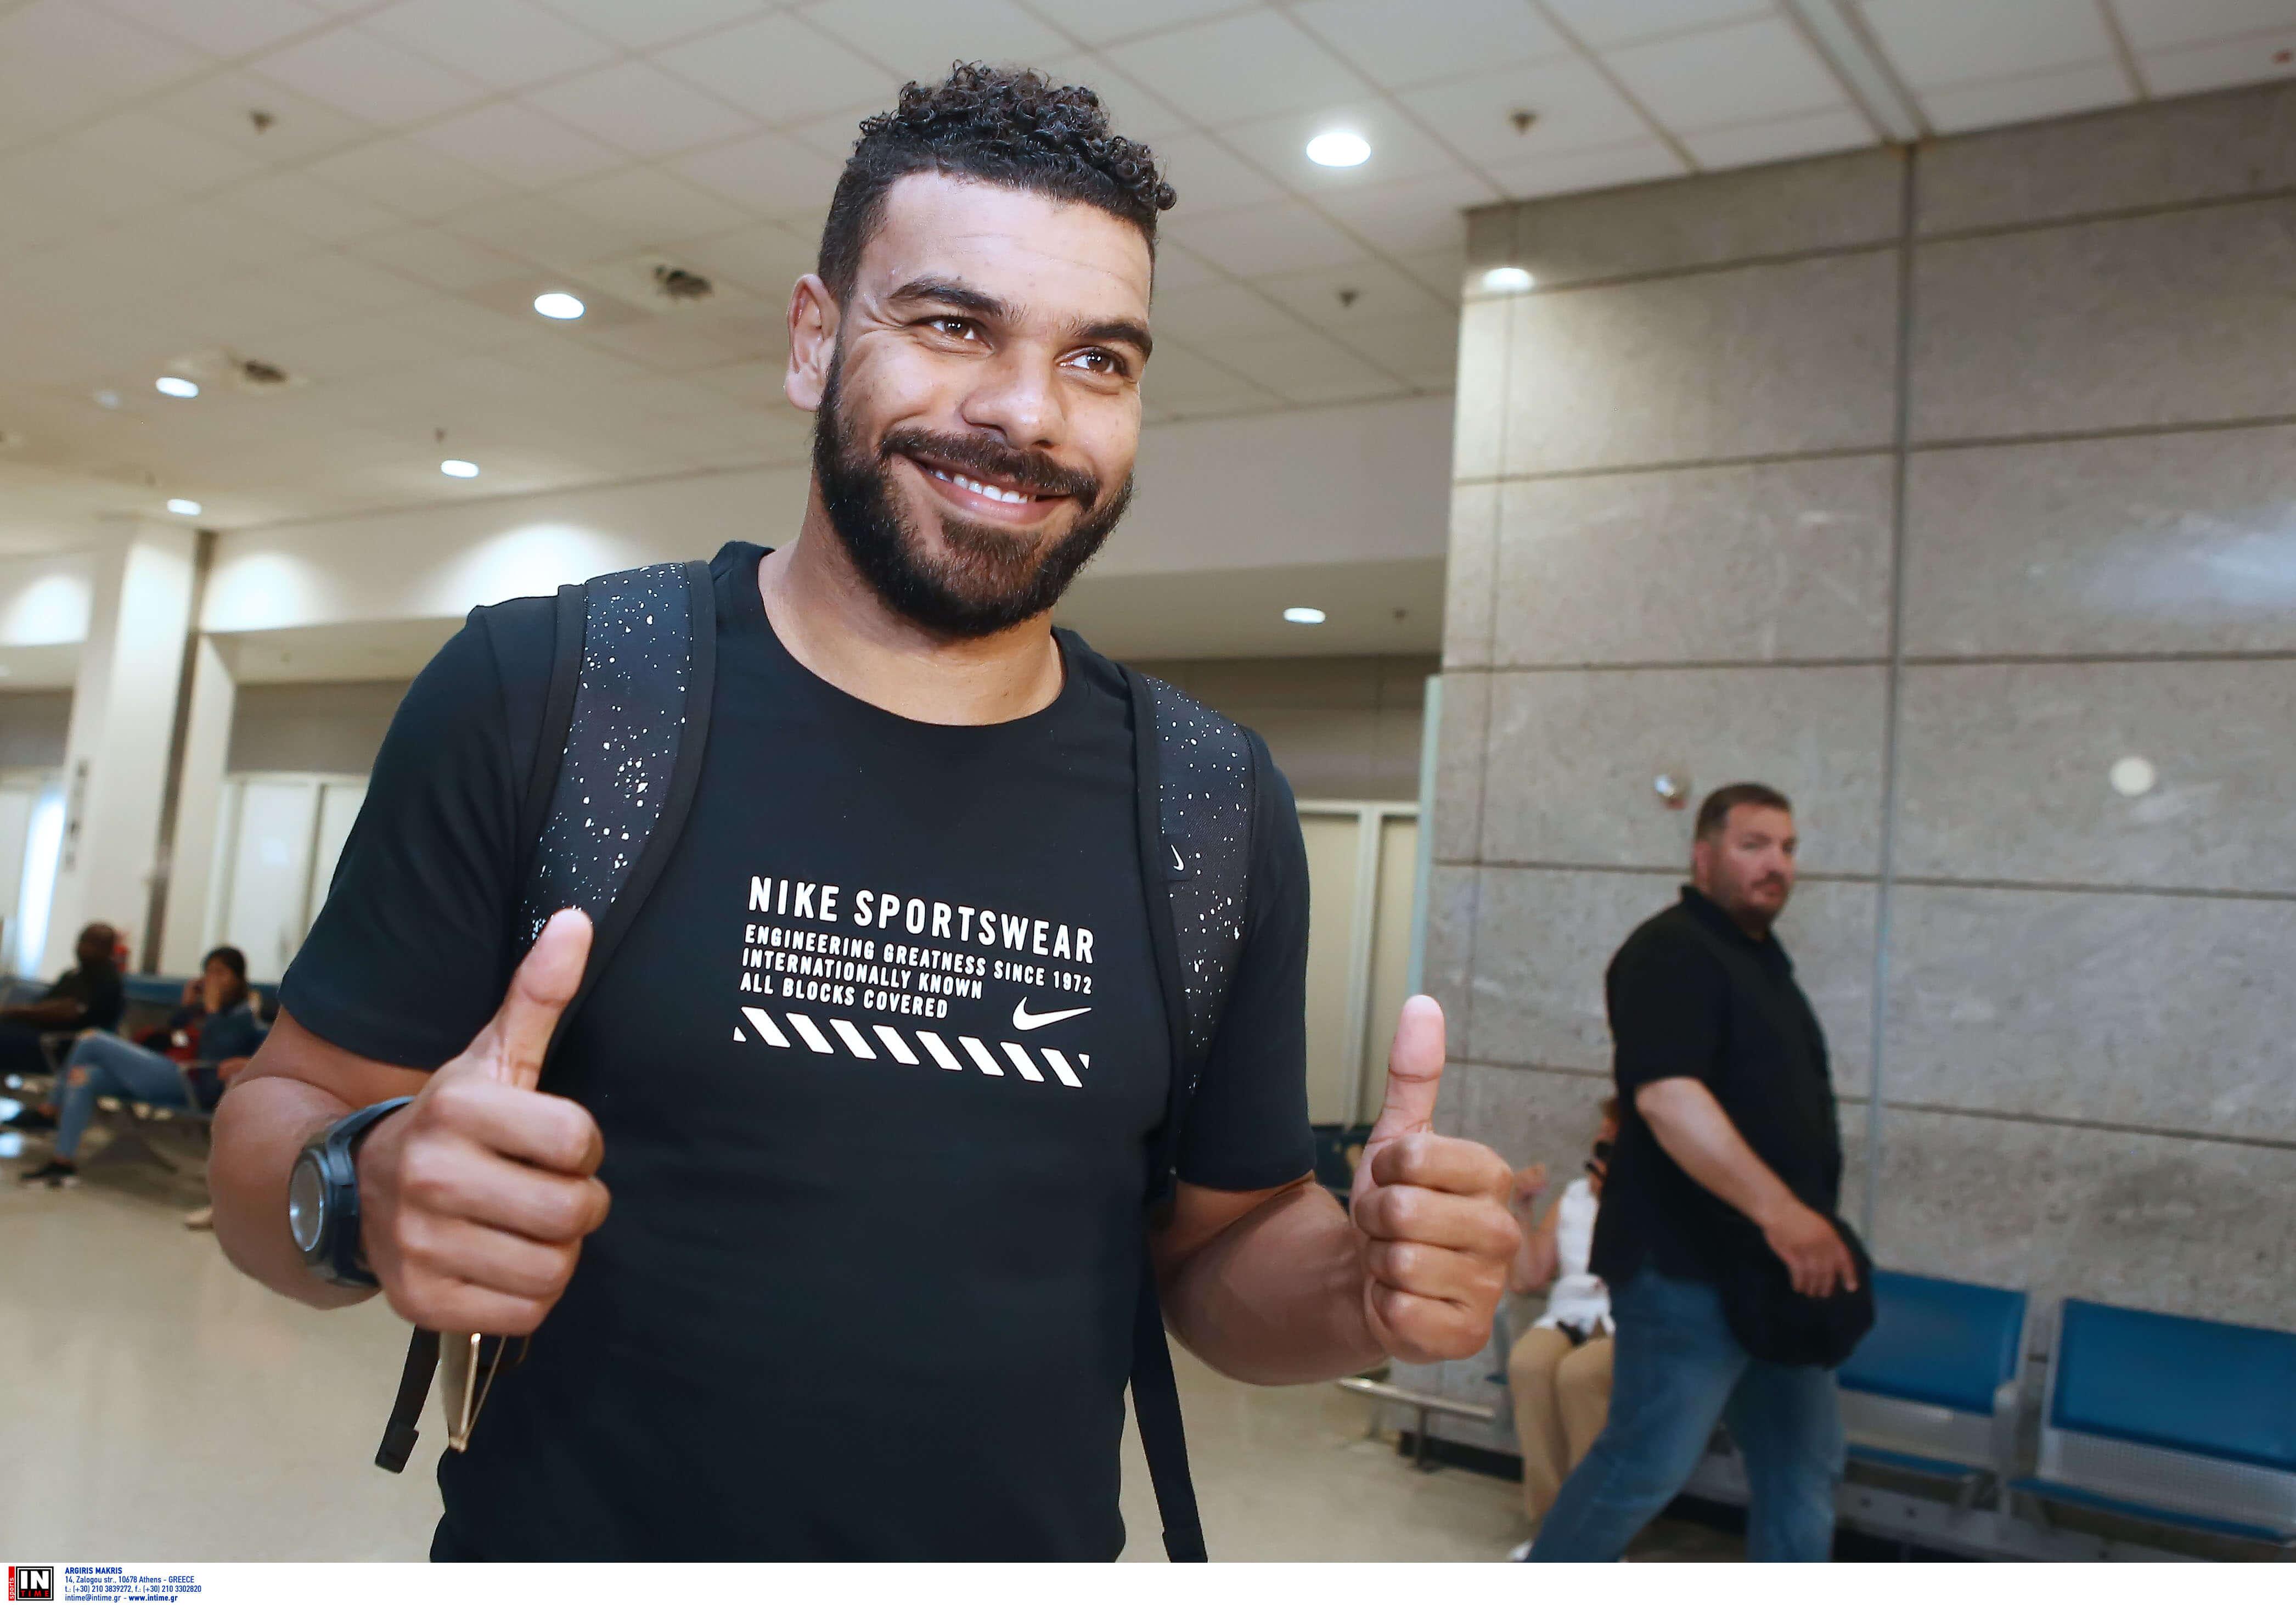 Ολυμπιακός: Στην Αθήνα ο Σουντανί! Υπογράφει στους Πειραιώτες [pics]